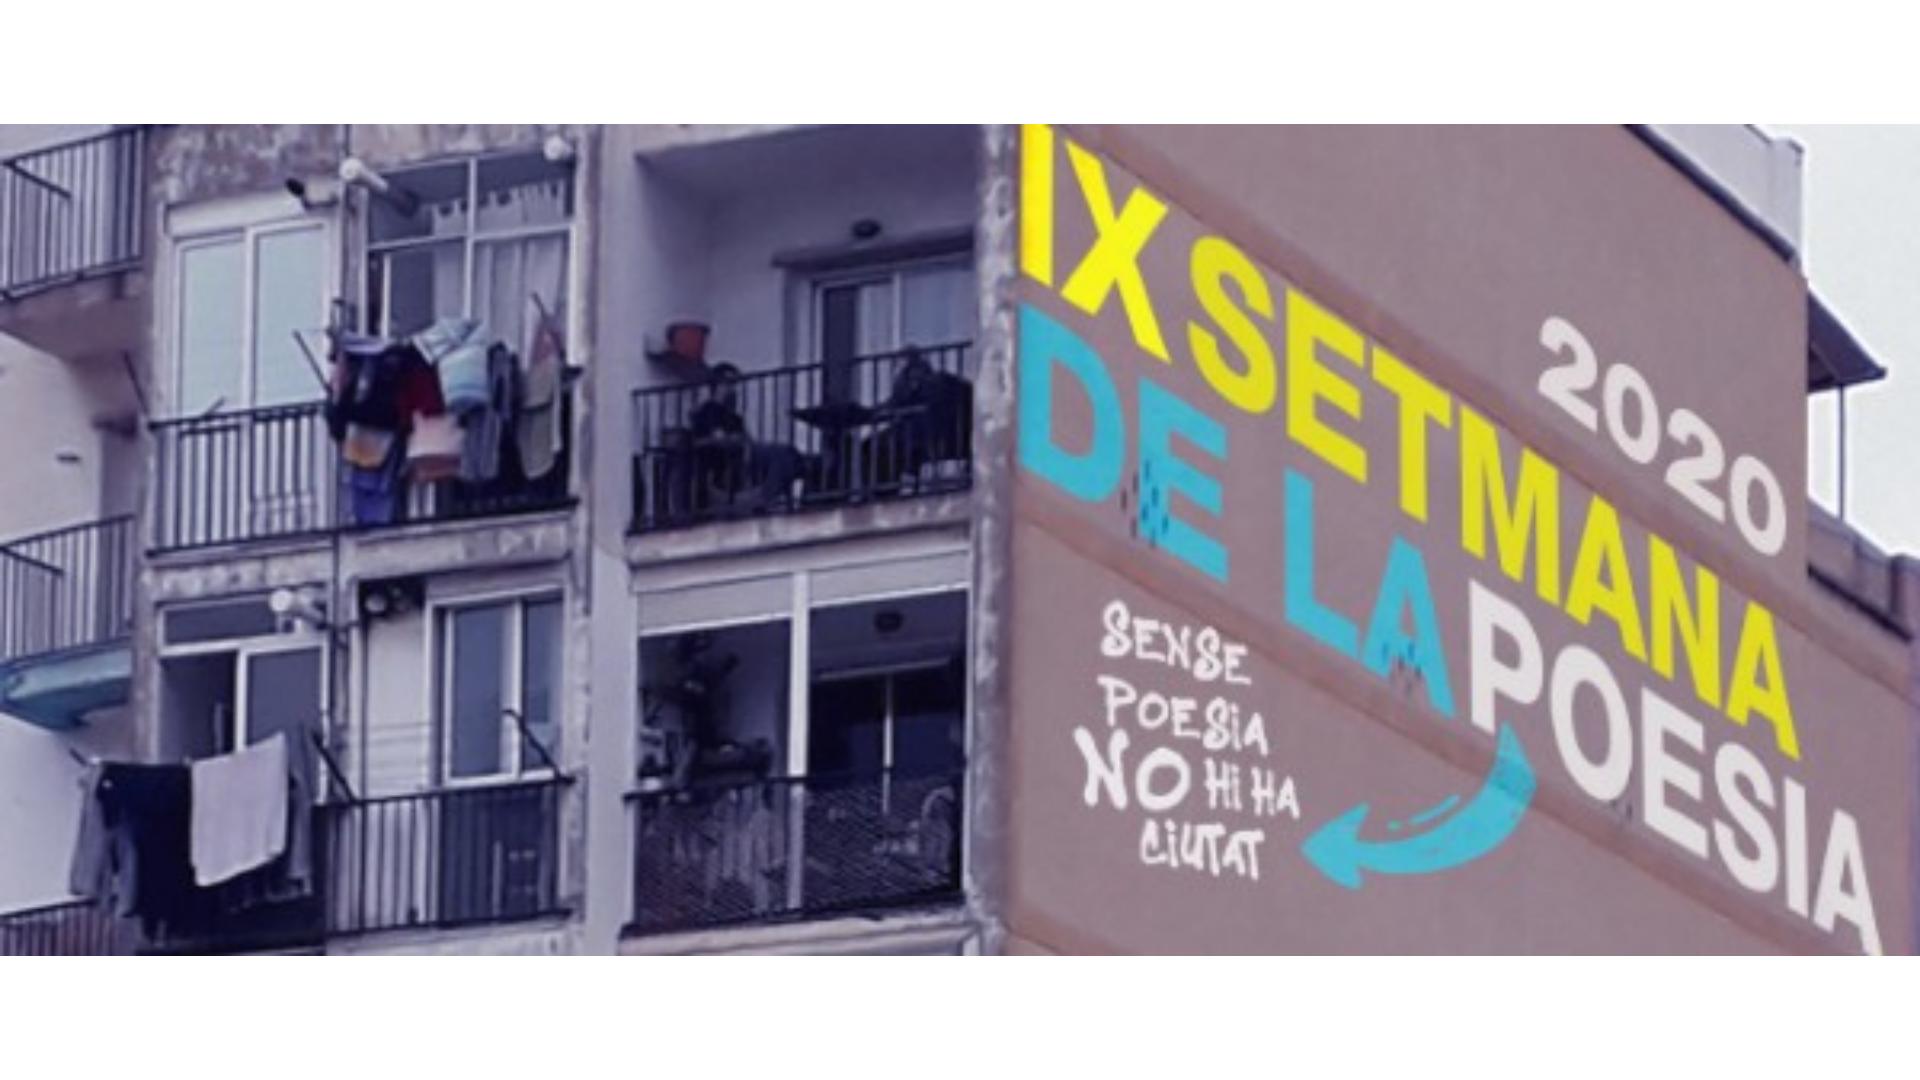 Setmana de la Poesia de Sant Feliu de Llobregat | 2020